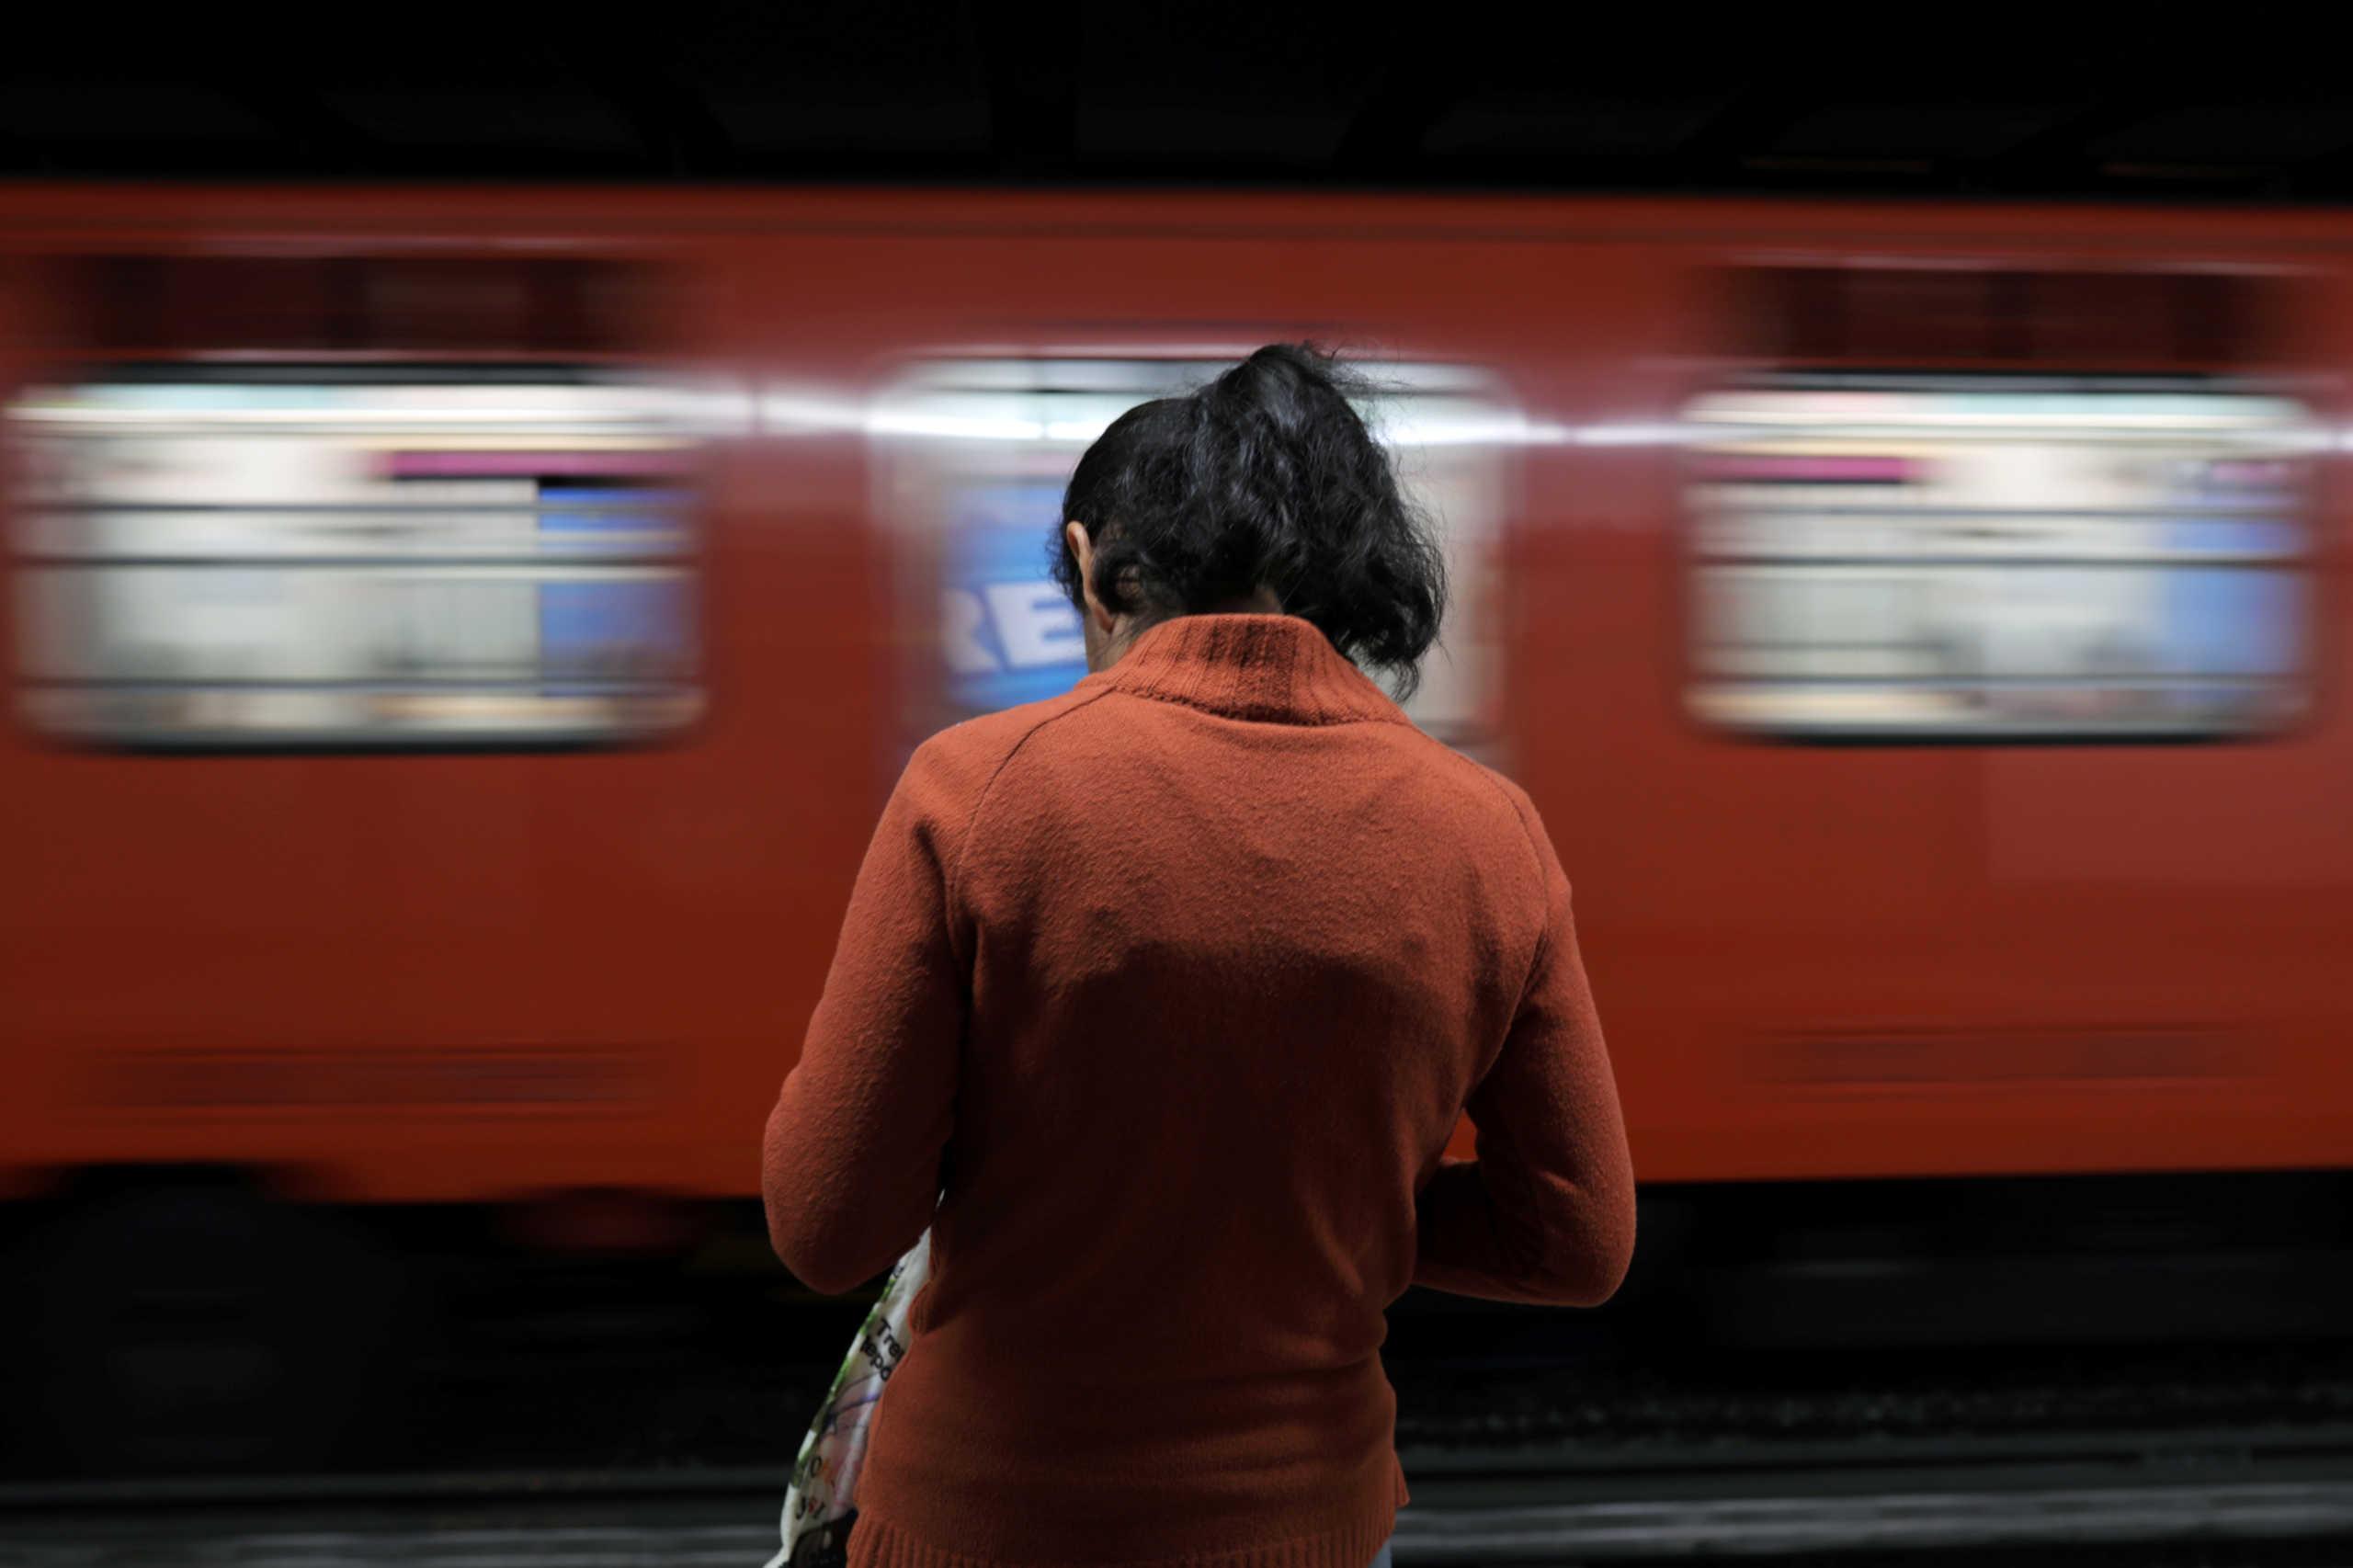 Βρετανία: Σκόρπισε απογοήτευση η νέα στρατηγική κατά της παρενόχλησης και της βίας σε βάρος των γυναικών